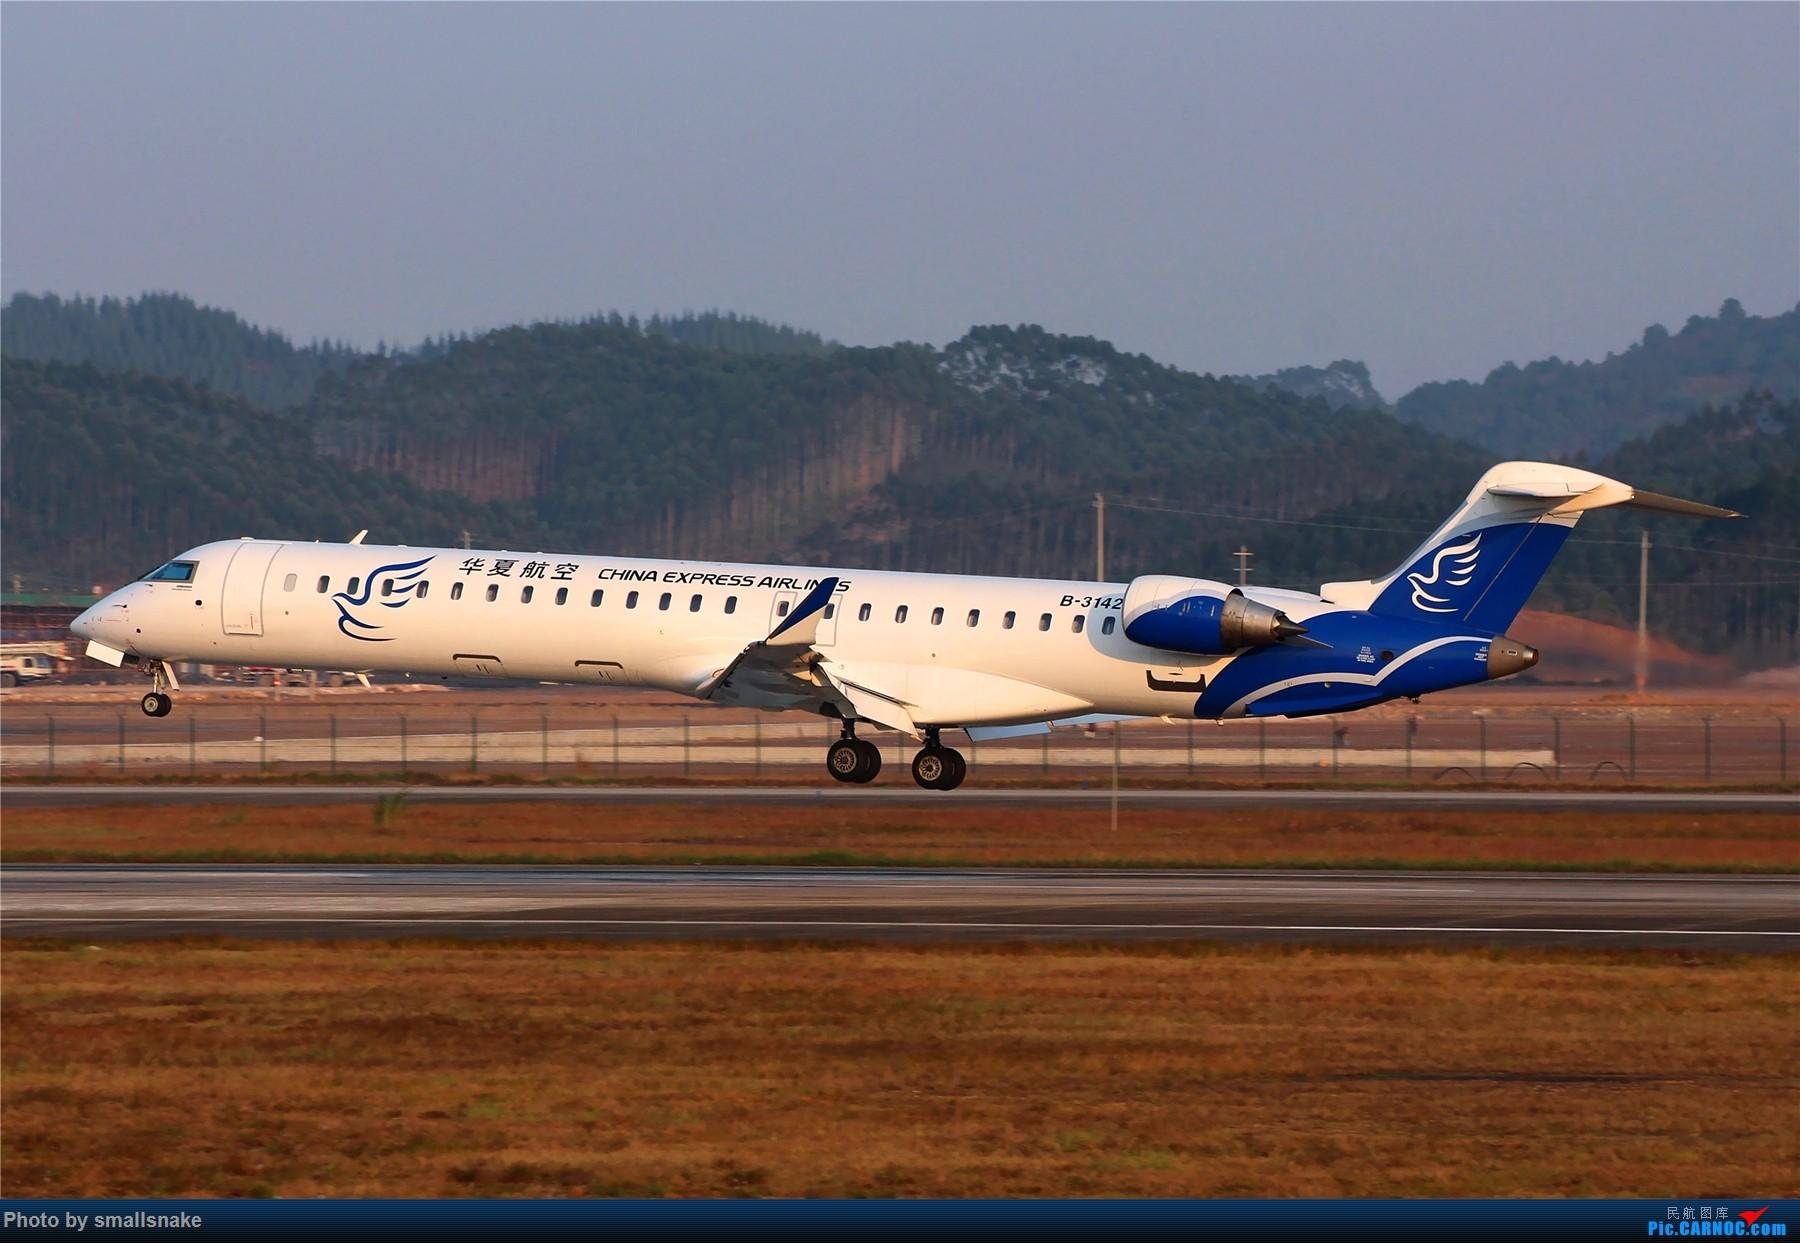 bombardier crj900ng b-3142 桂林两江国际机场图片